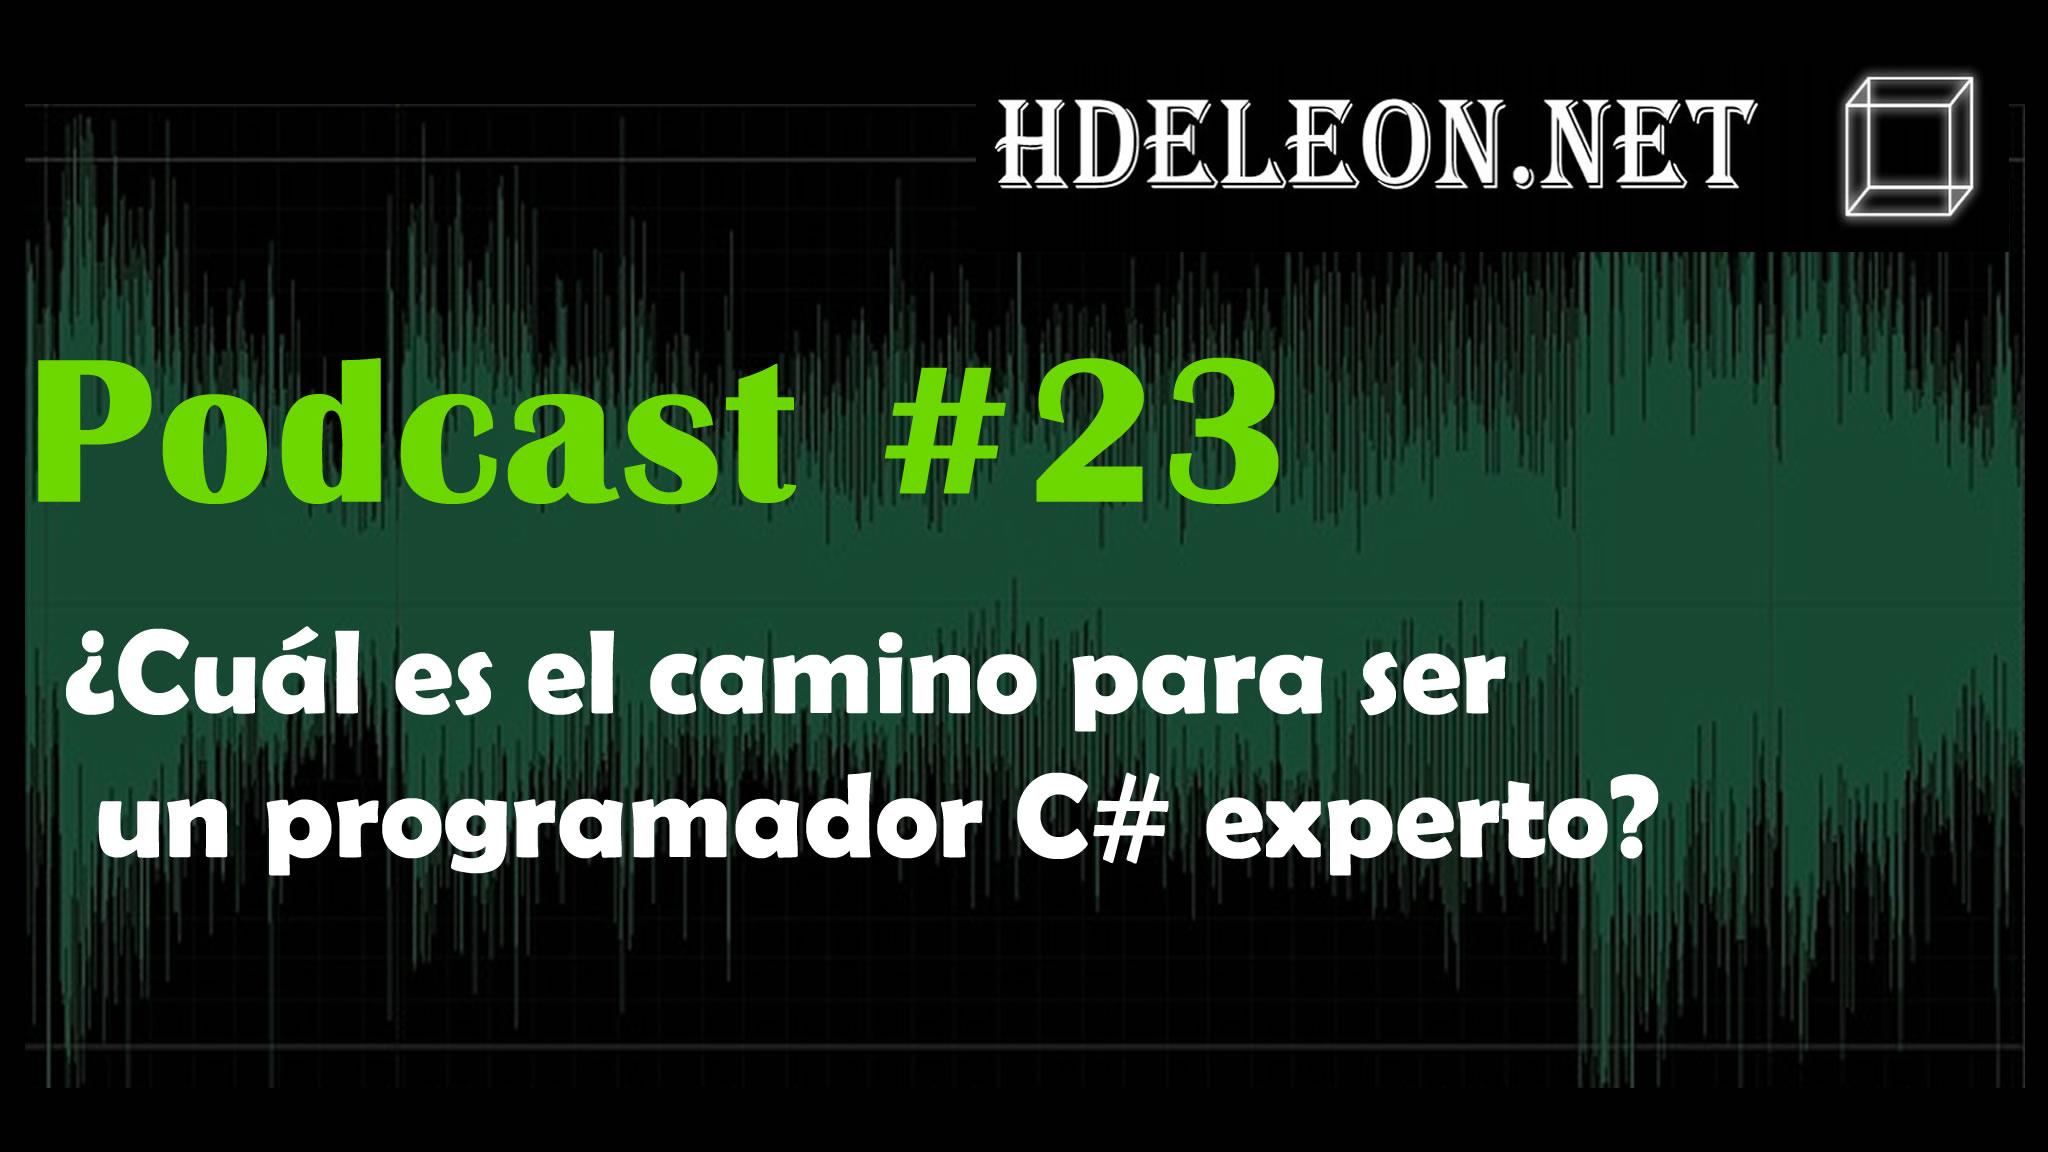 Podcast #23 – ¿Cuál es el camino para ser un programador C# experto?